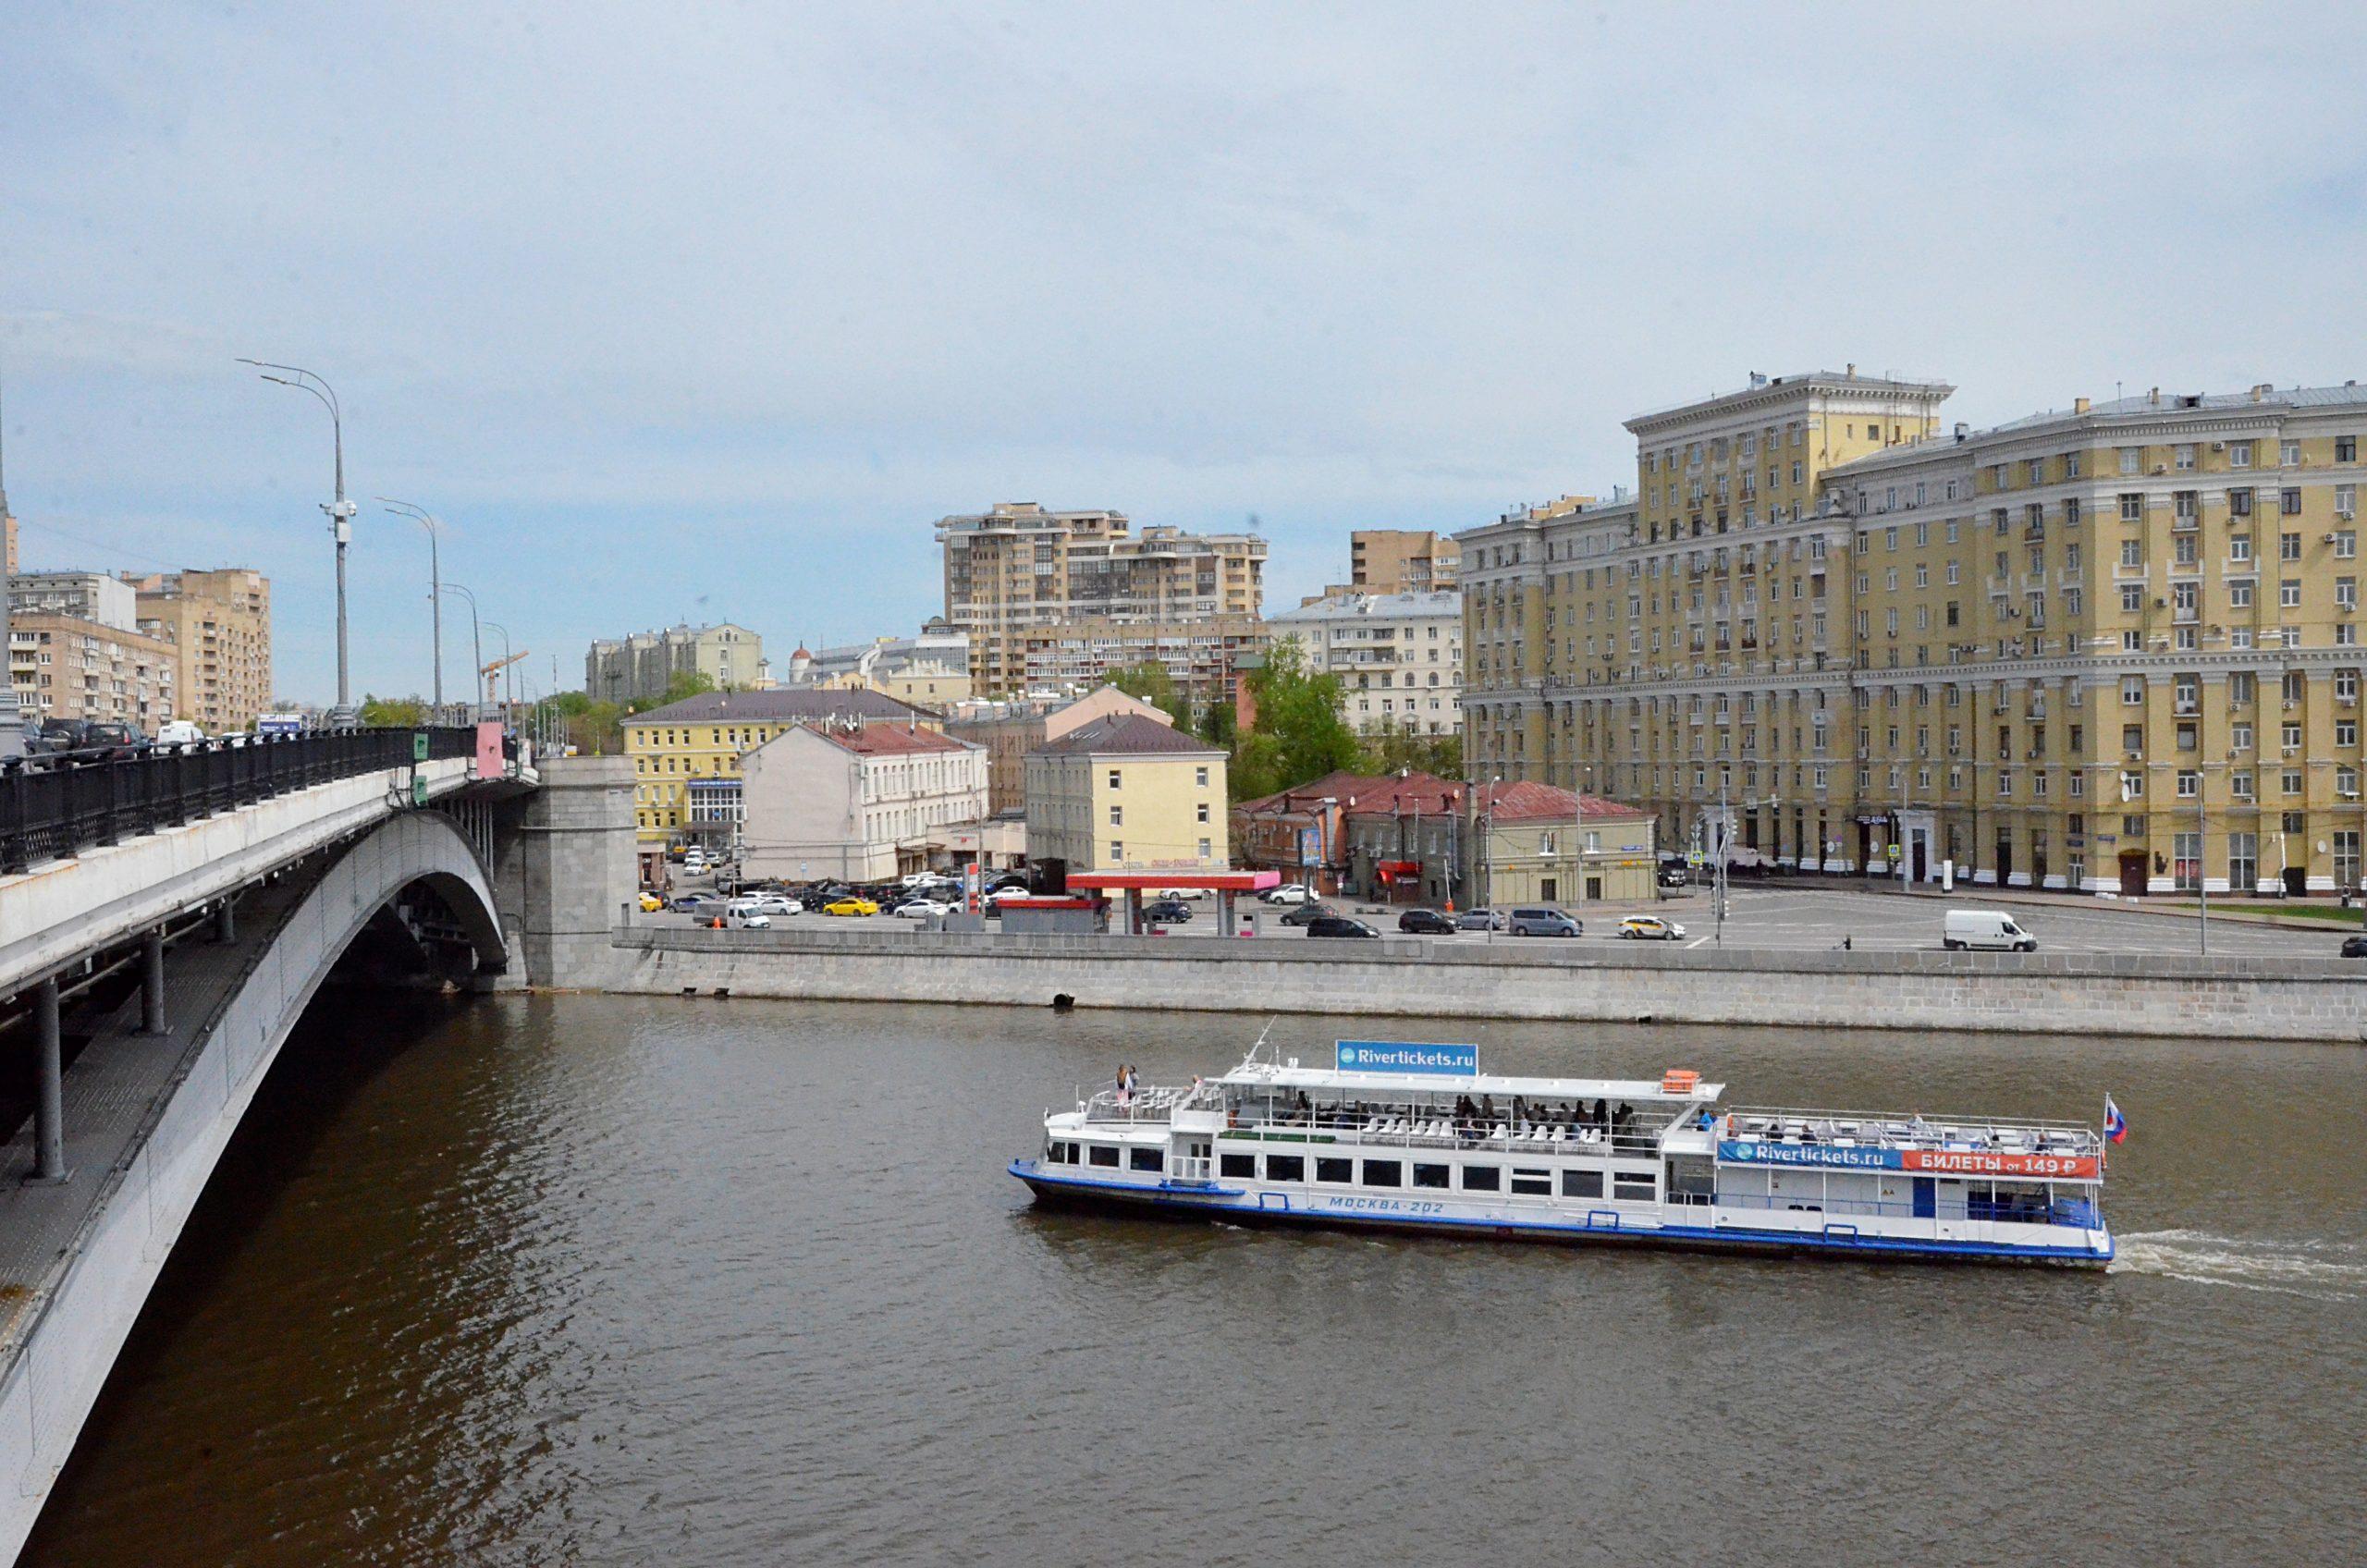 Переменная облачность ожидает москвичей сегодня